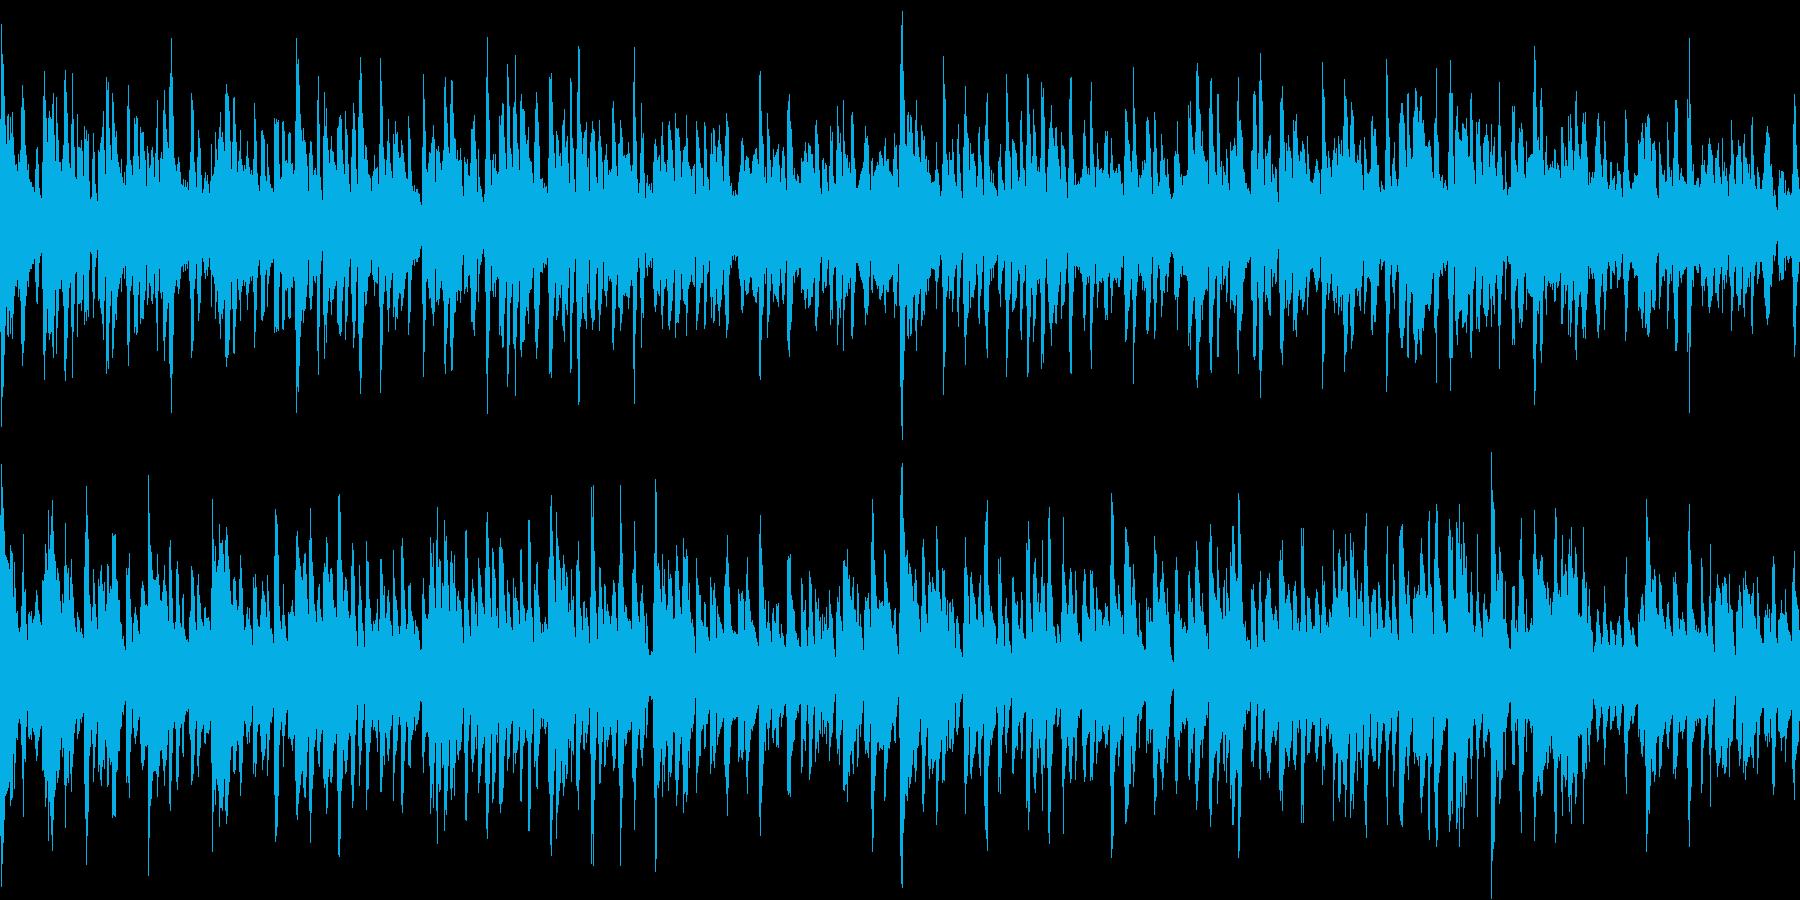 クラップを基調とし、変奏させたテクノの再生済みの波形